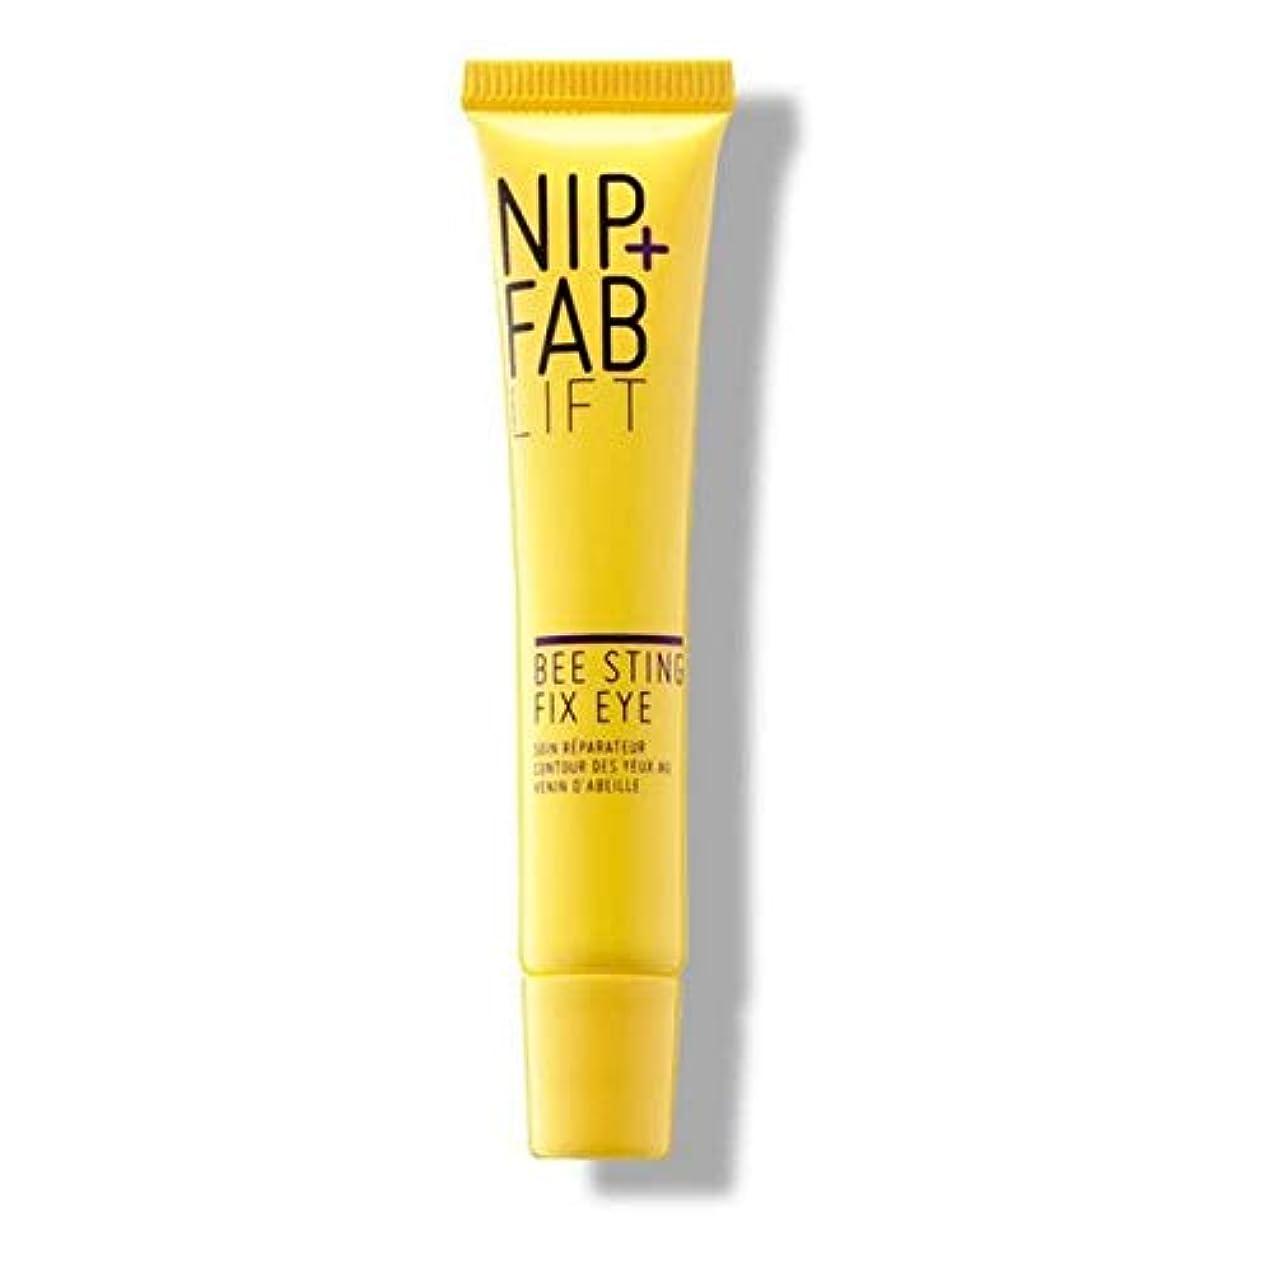 愛情深い溶けた魔術[Nip & Fab] + Fab蜂刺傷修正アイクリーム15Mlニップ - Nip+Fab Bee Sting Fix Eye Cream 15ml [並行輸入品]